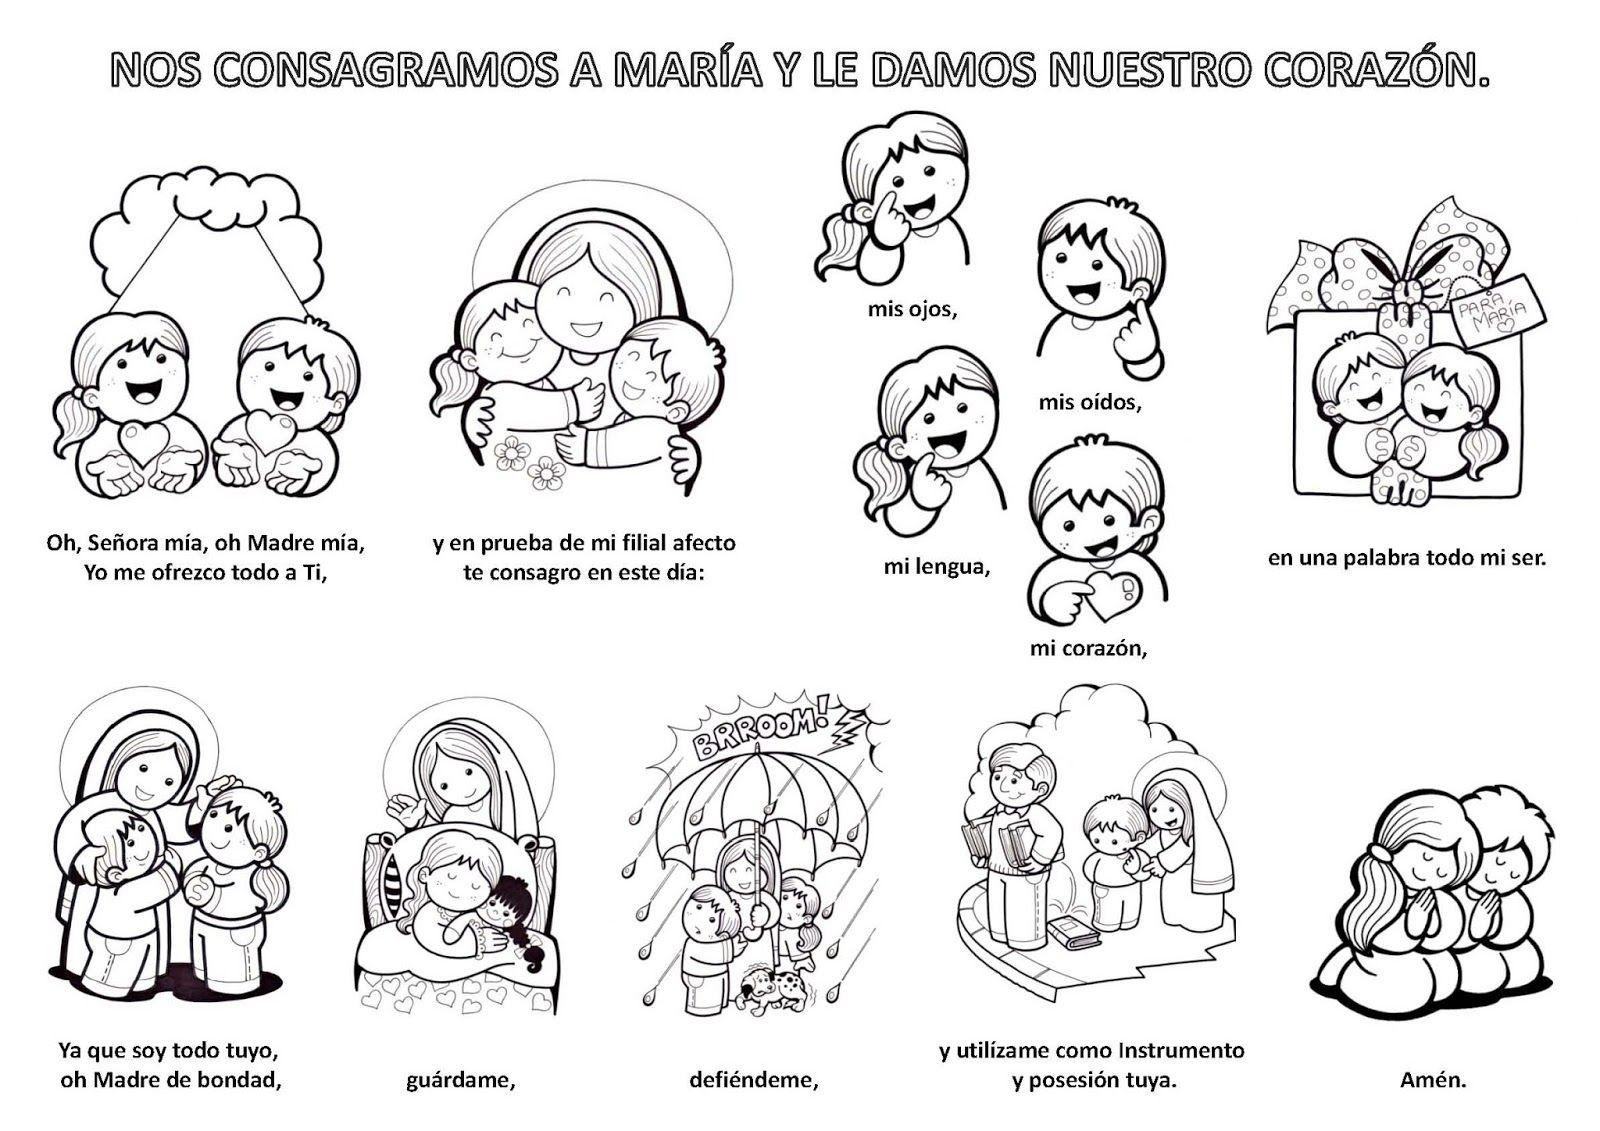 Ilustracion Para Ninos De La Oracion De Consagracion A La Virgen